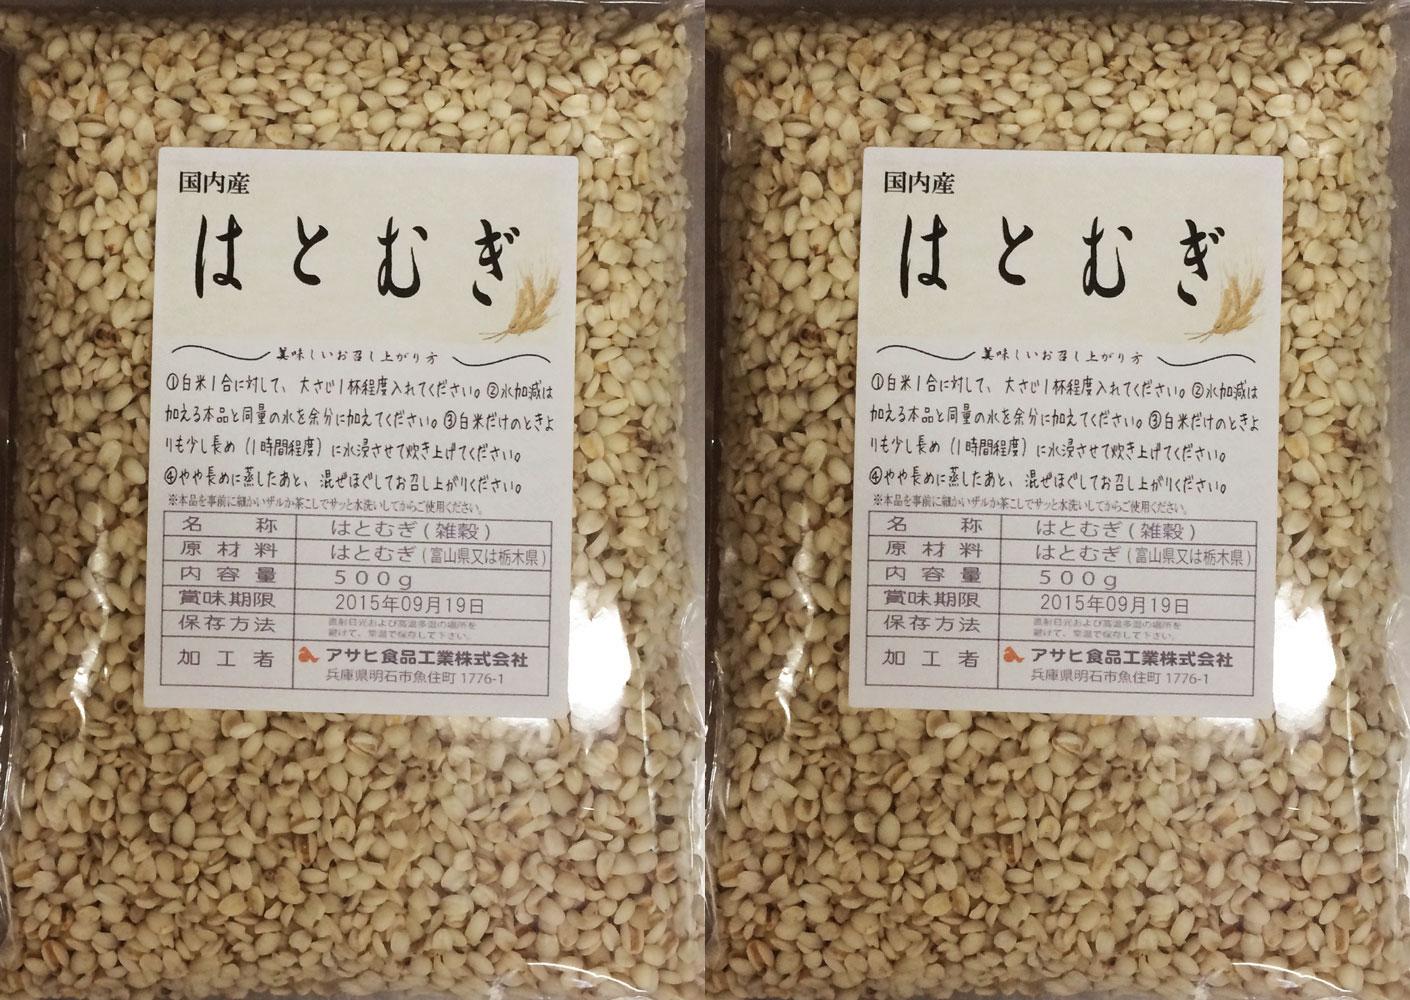 はとむぎ 豆力 こだわりの国産精白はと麦(丸粒挽割混合) 雑穀 1Kg